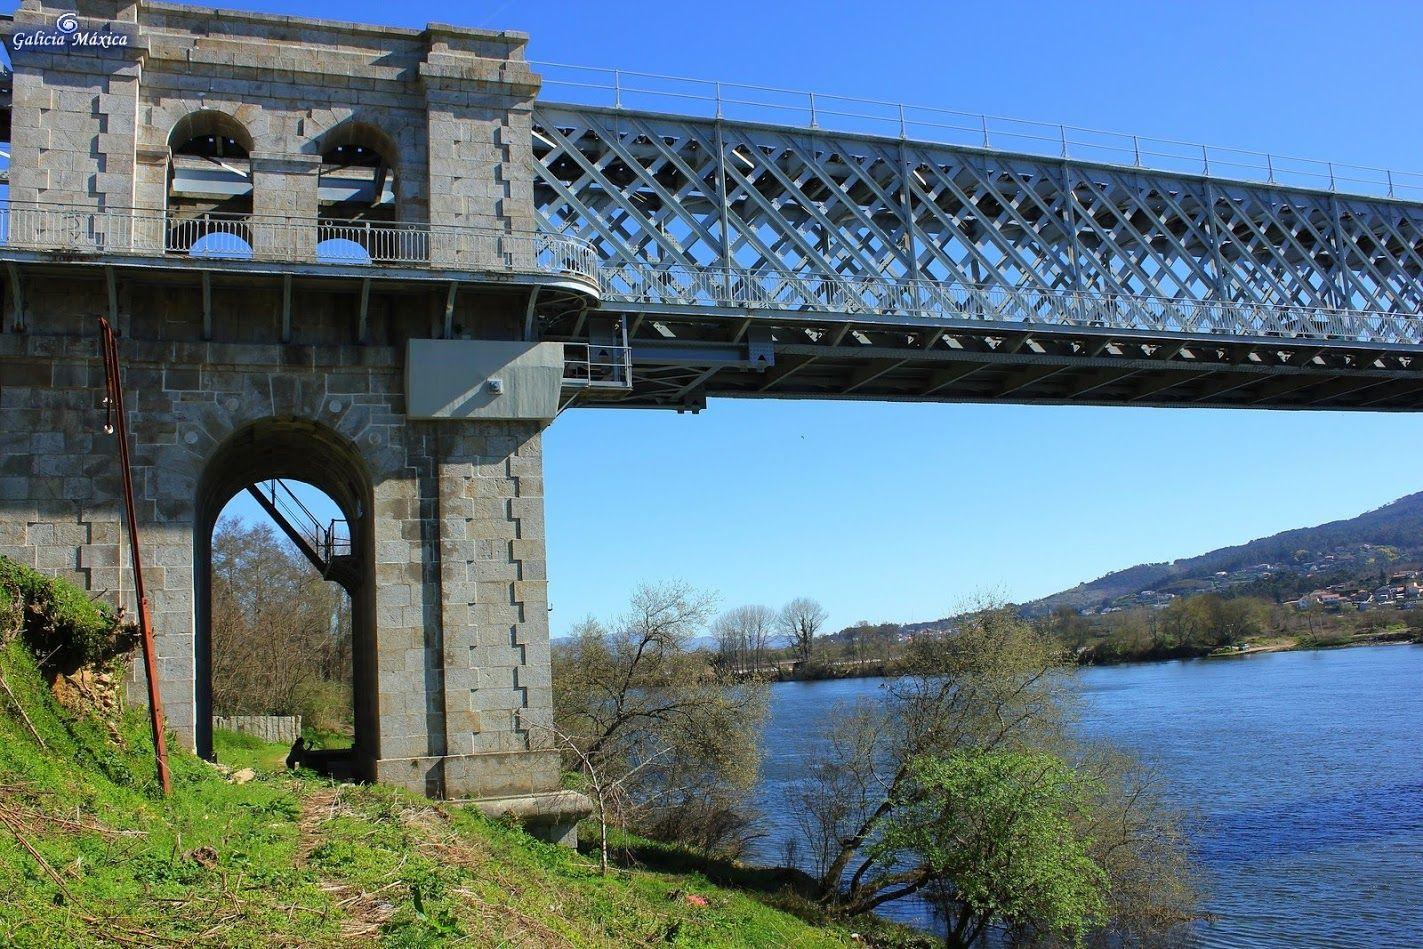 Puente internacional de tui sobre el mi o que une galicia y portugal pontevedra desde arbo - Que hay en portugal ...